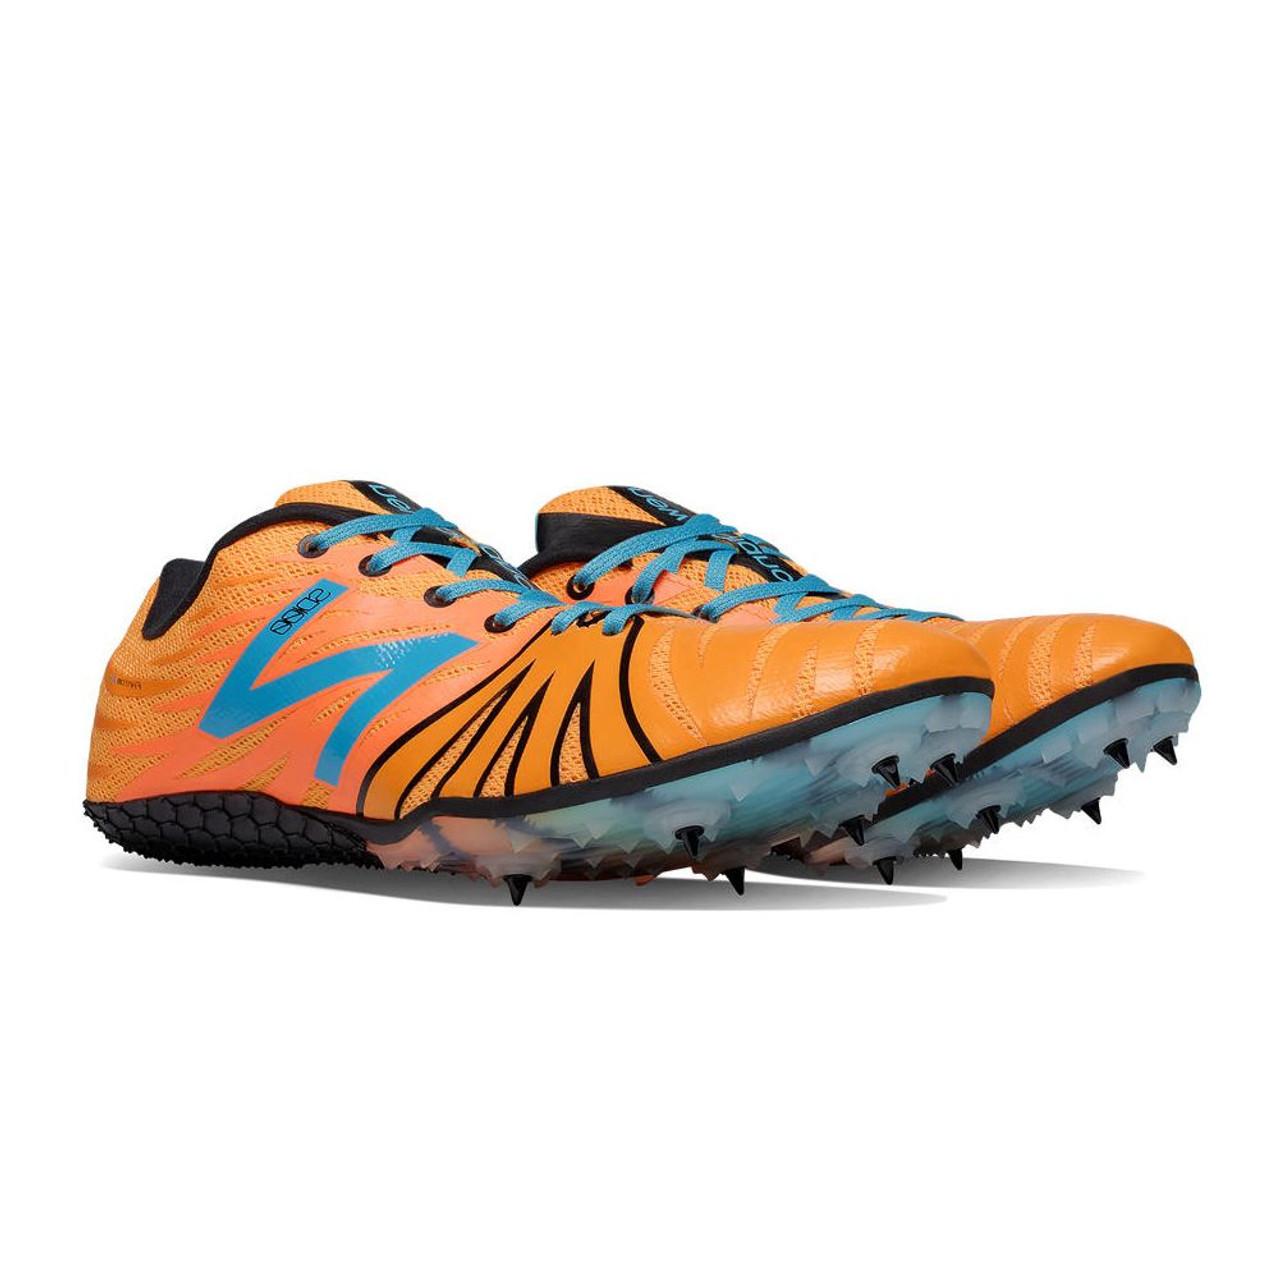 f55779ca0e1e New Balance Men's USD100OR Track Spikes Orange/Blue - Shop now @ Shoolu.com